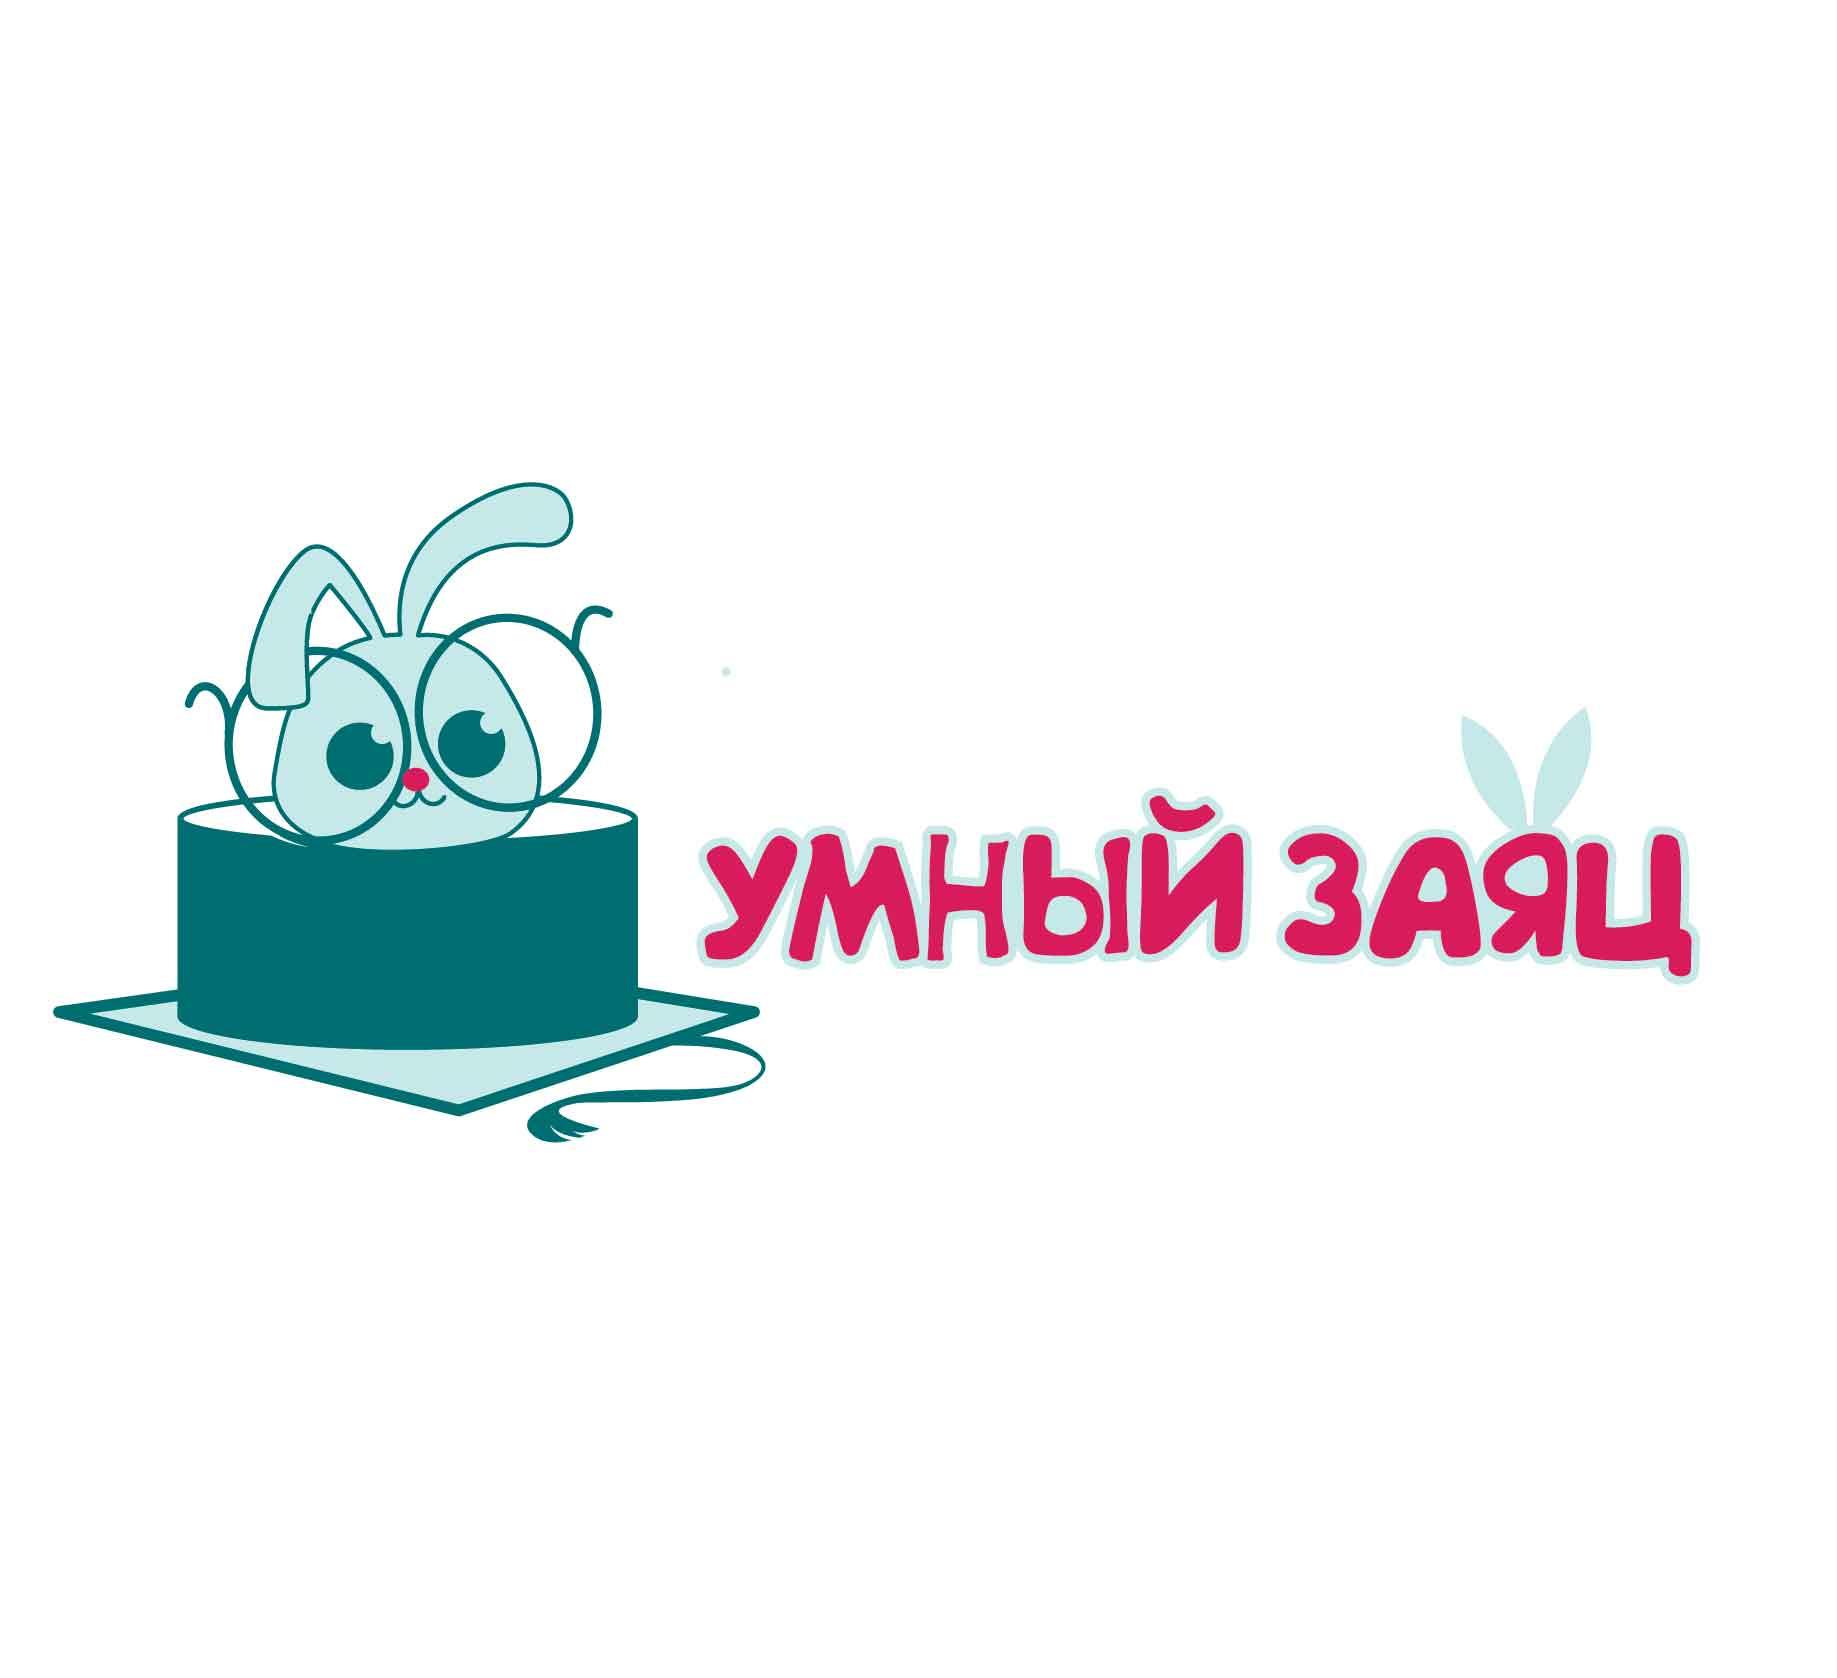 Разработать логотип и фирменный стиль детского клуба фото f_8635559a3810a6c1.jpg